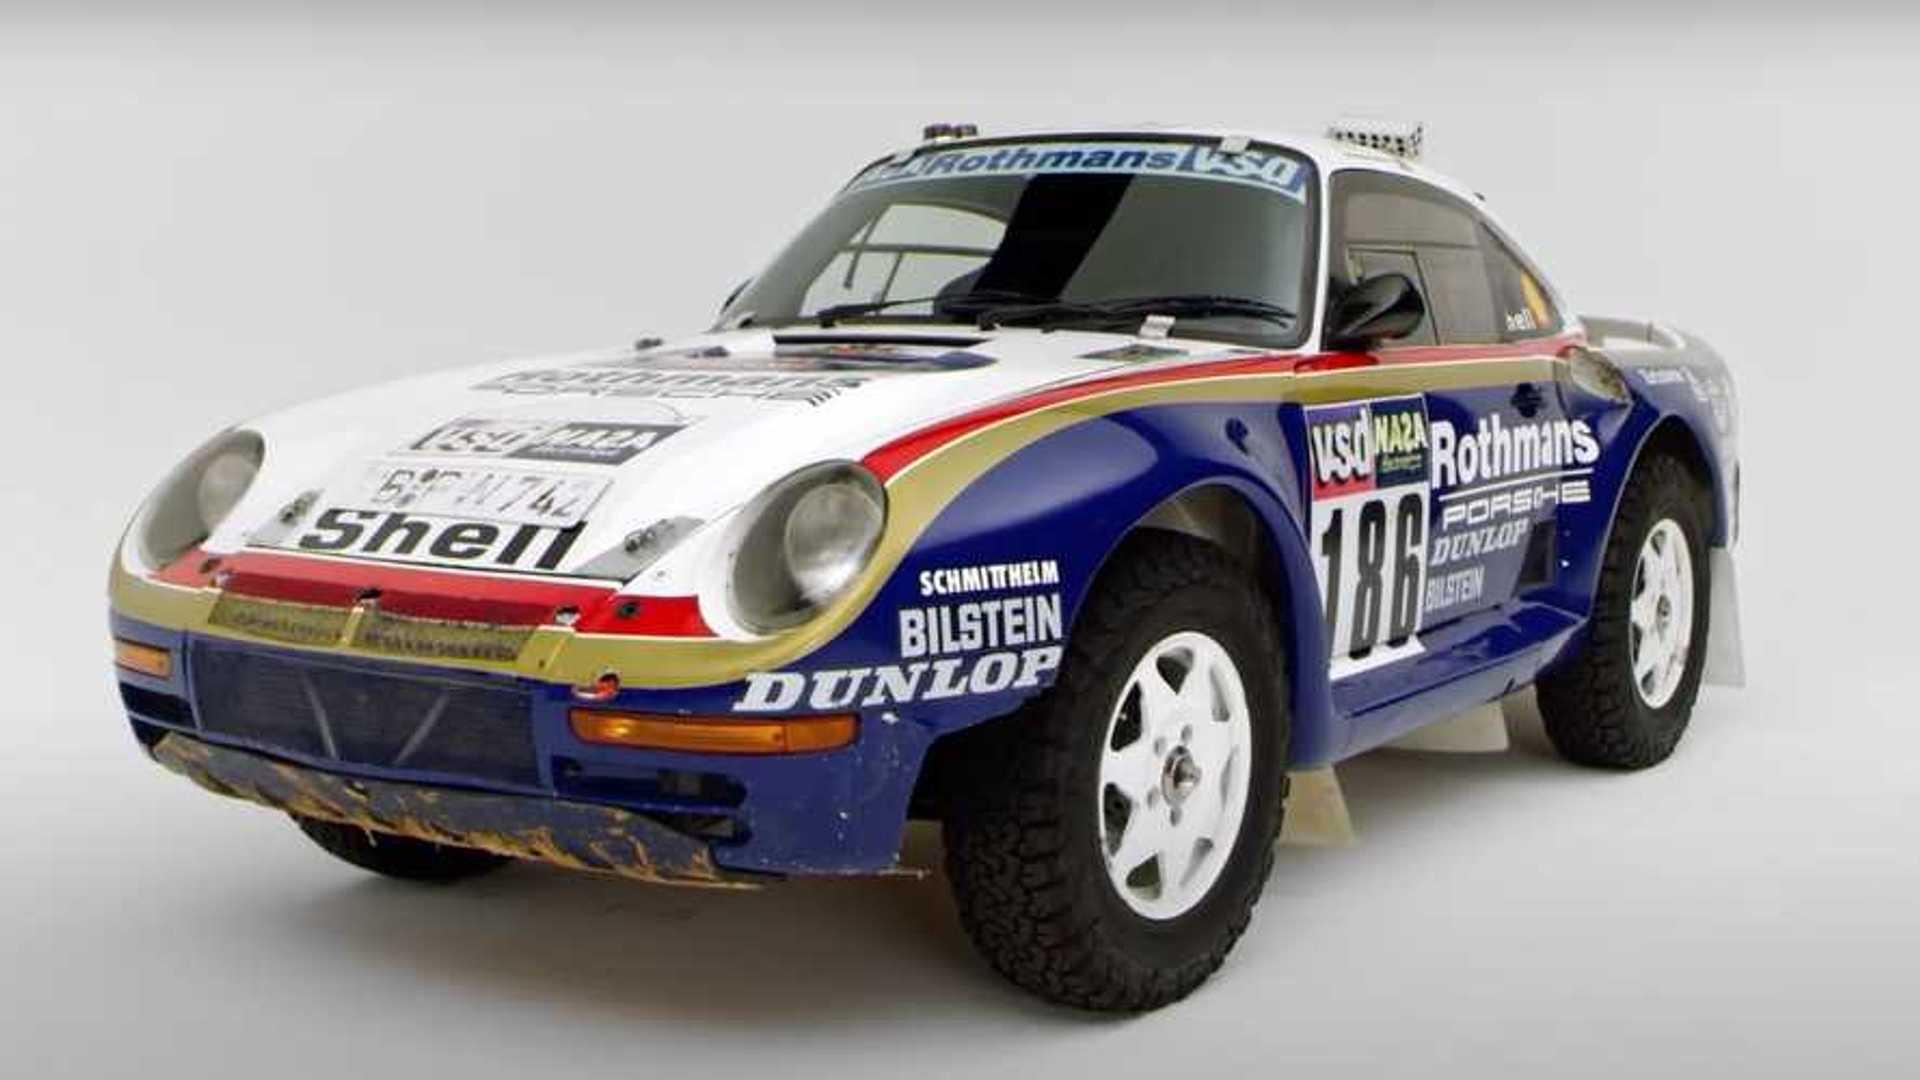 Porsche Shows Top 5 Highlights Of The 959 Paris-Dakar